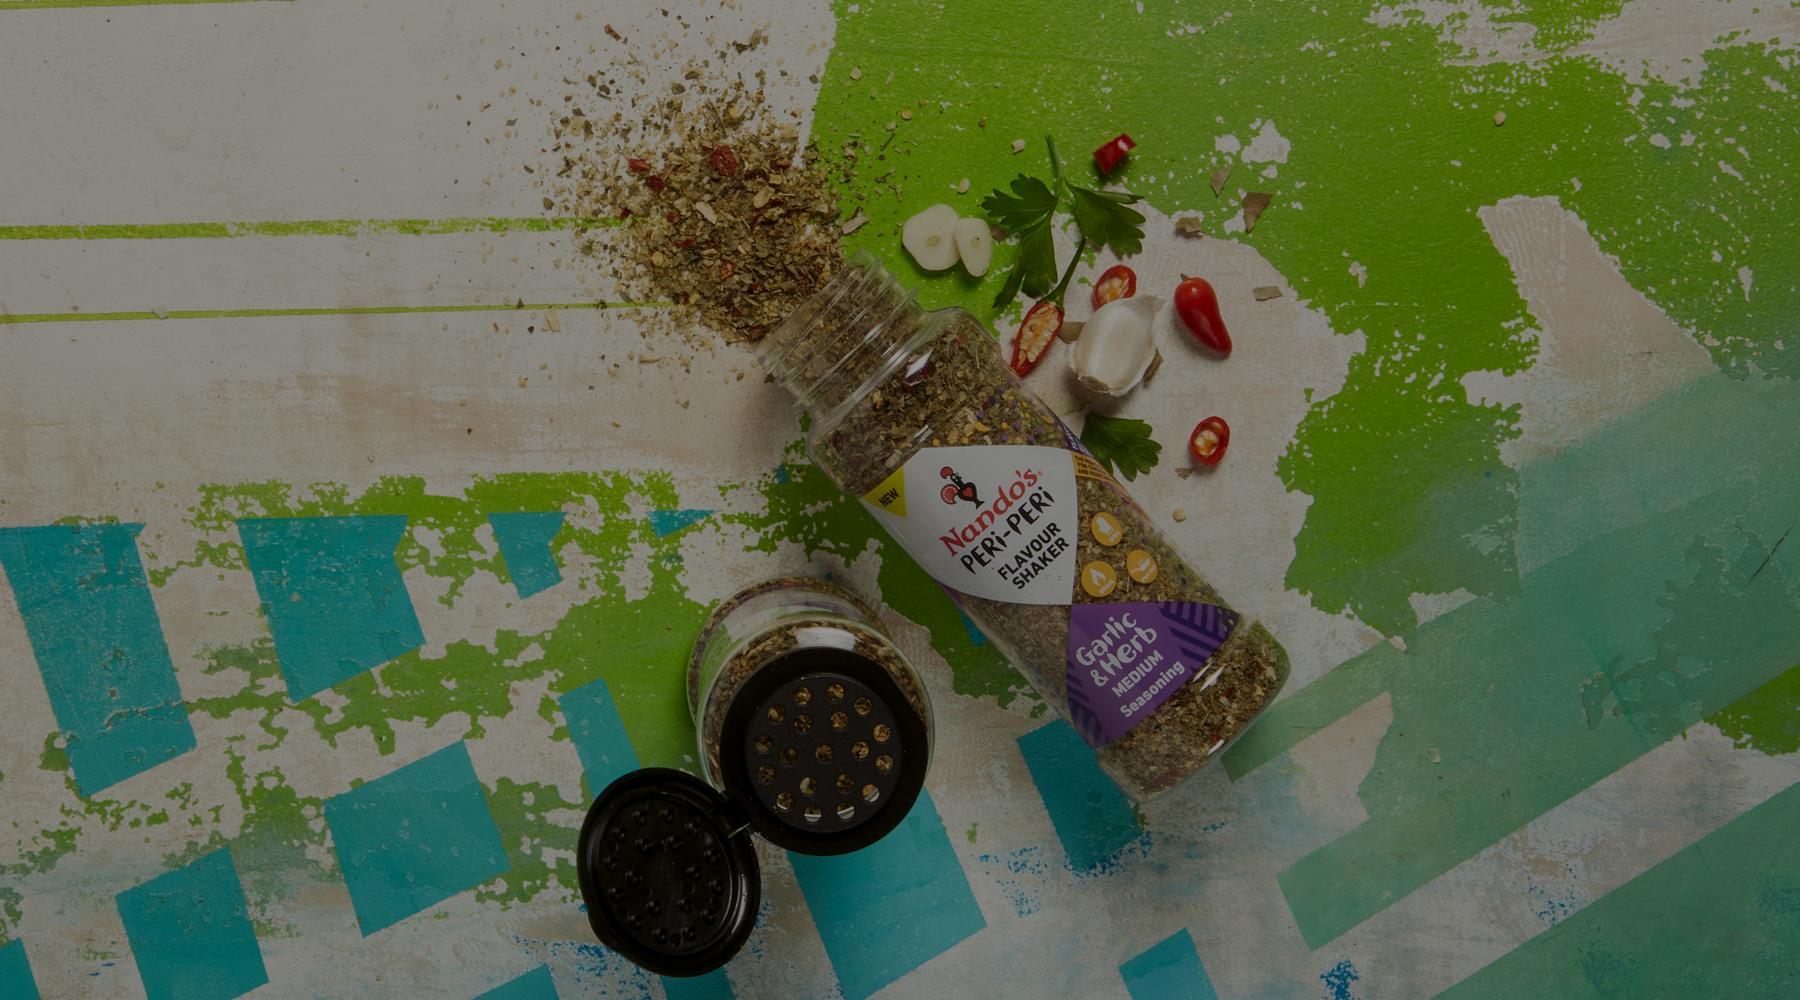 Flavour Shaker Garlic & Herb Seasoning